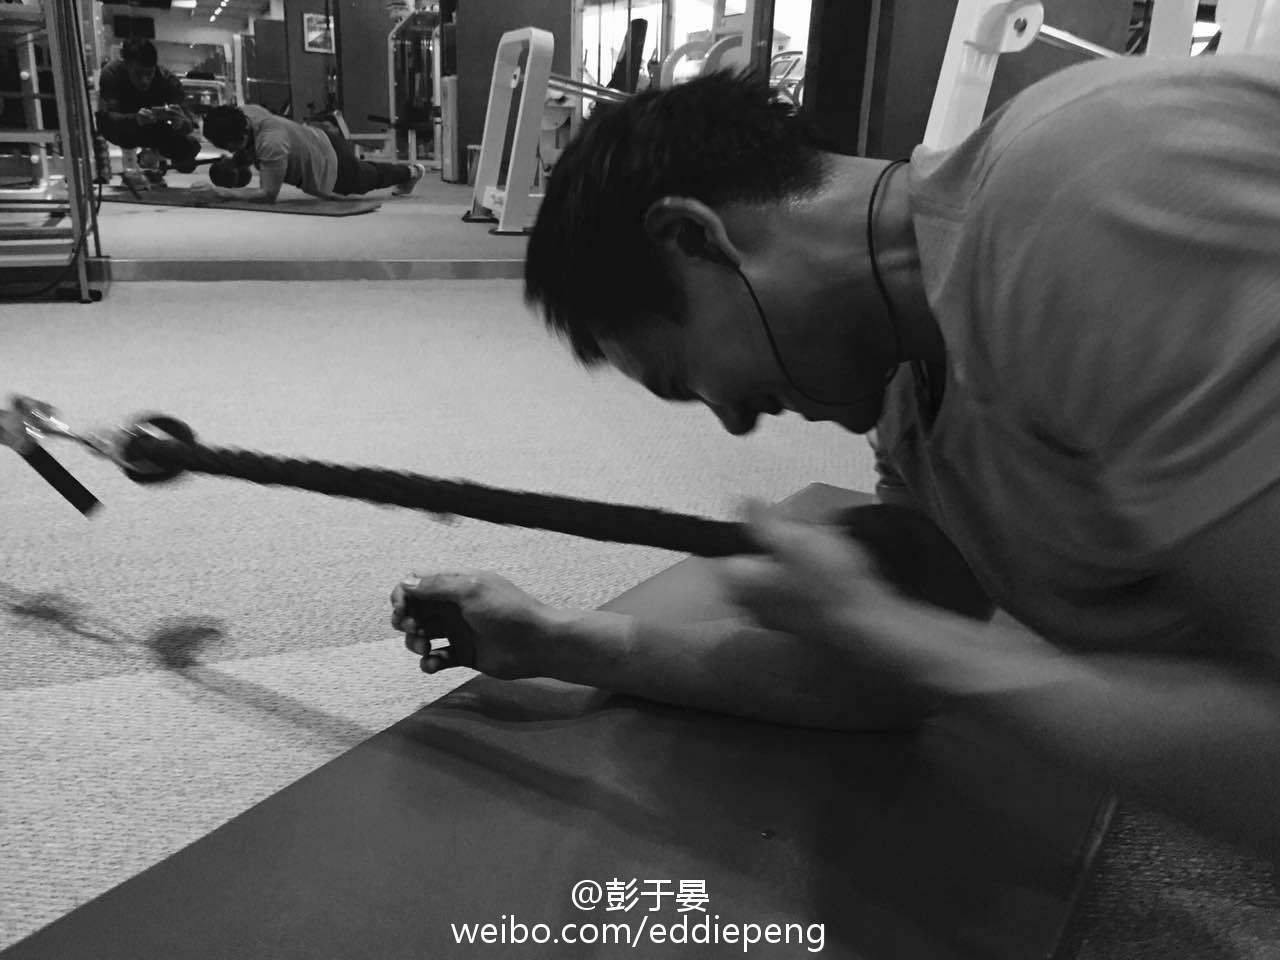 隨後彭于晏又發出自己做Gym相片,非常勤力。(微博圖片)